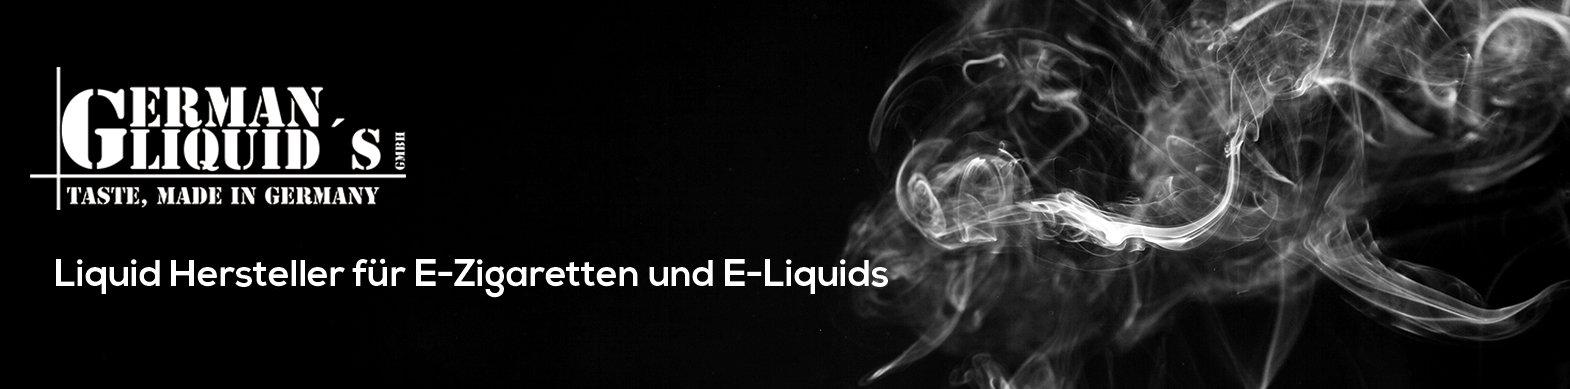 Germanliquids-Slider-Webseite